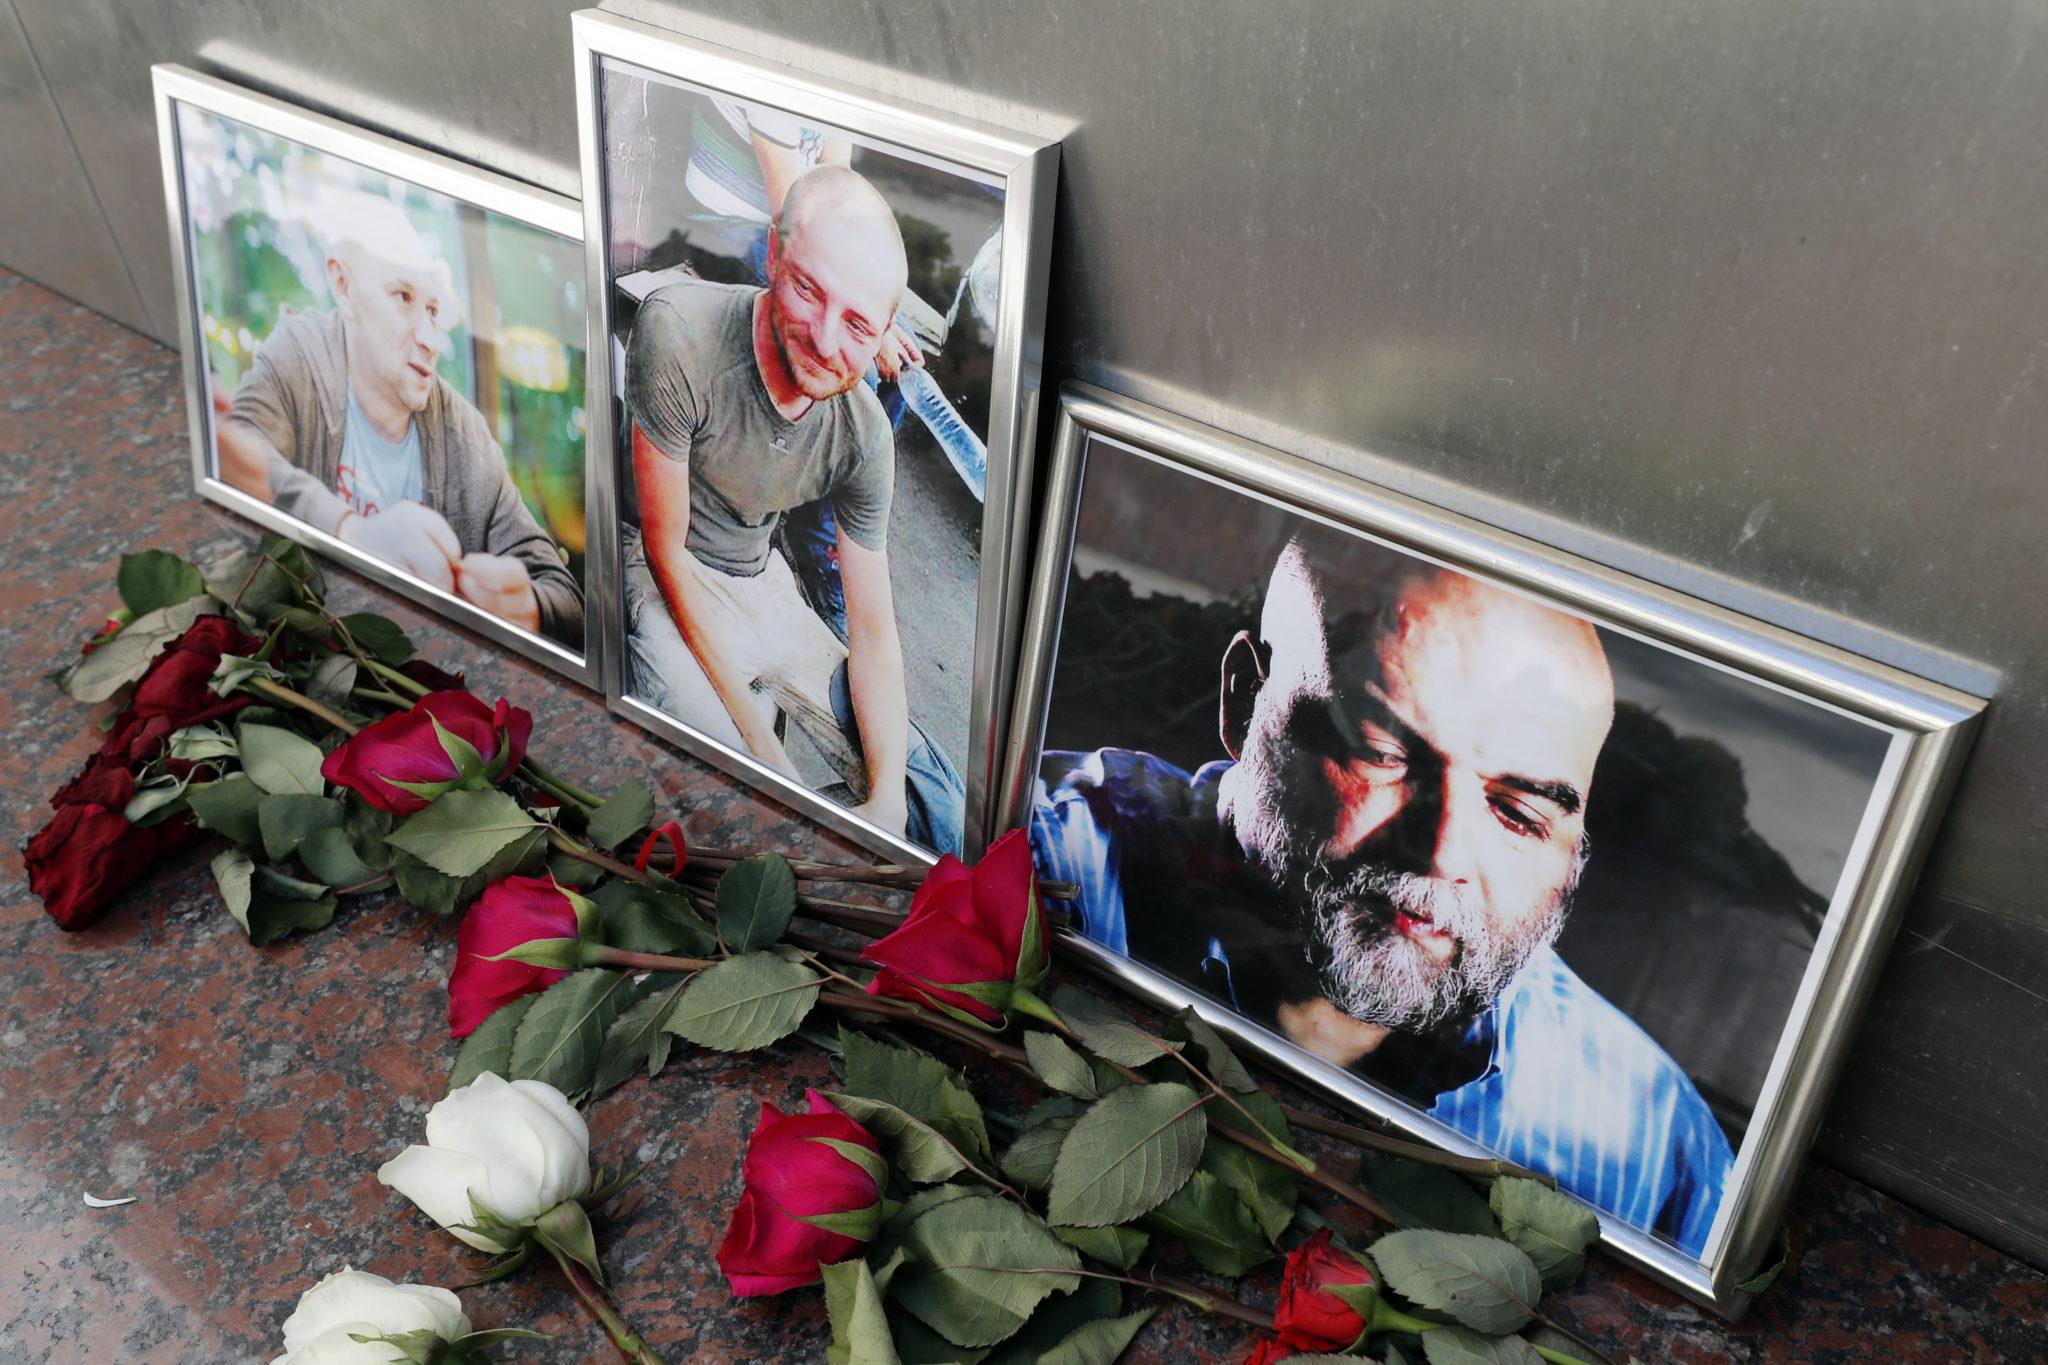 Fotos der drei kürzlich getöteten Journalisten in Moskau. V.l.n.r.: Alexander Rastogujew, Kirill Radtschenko, Orchan Dschemal. Sie waren an einer Recherche über die russische Söldnertruppe Wagner.